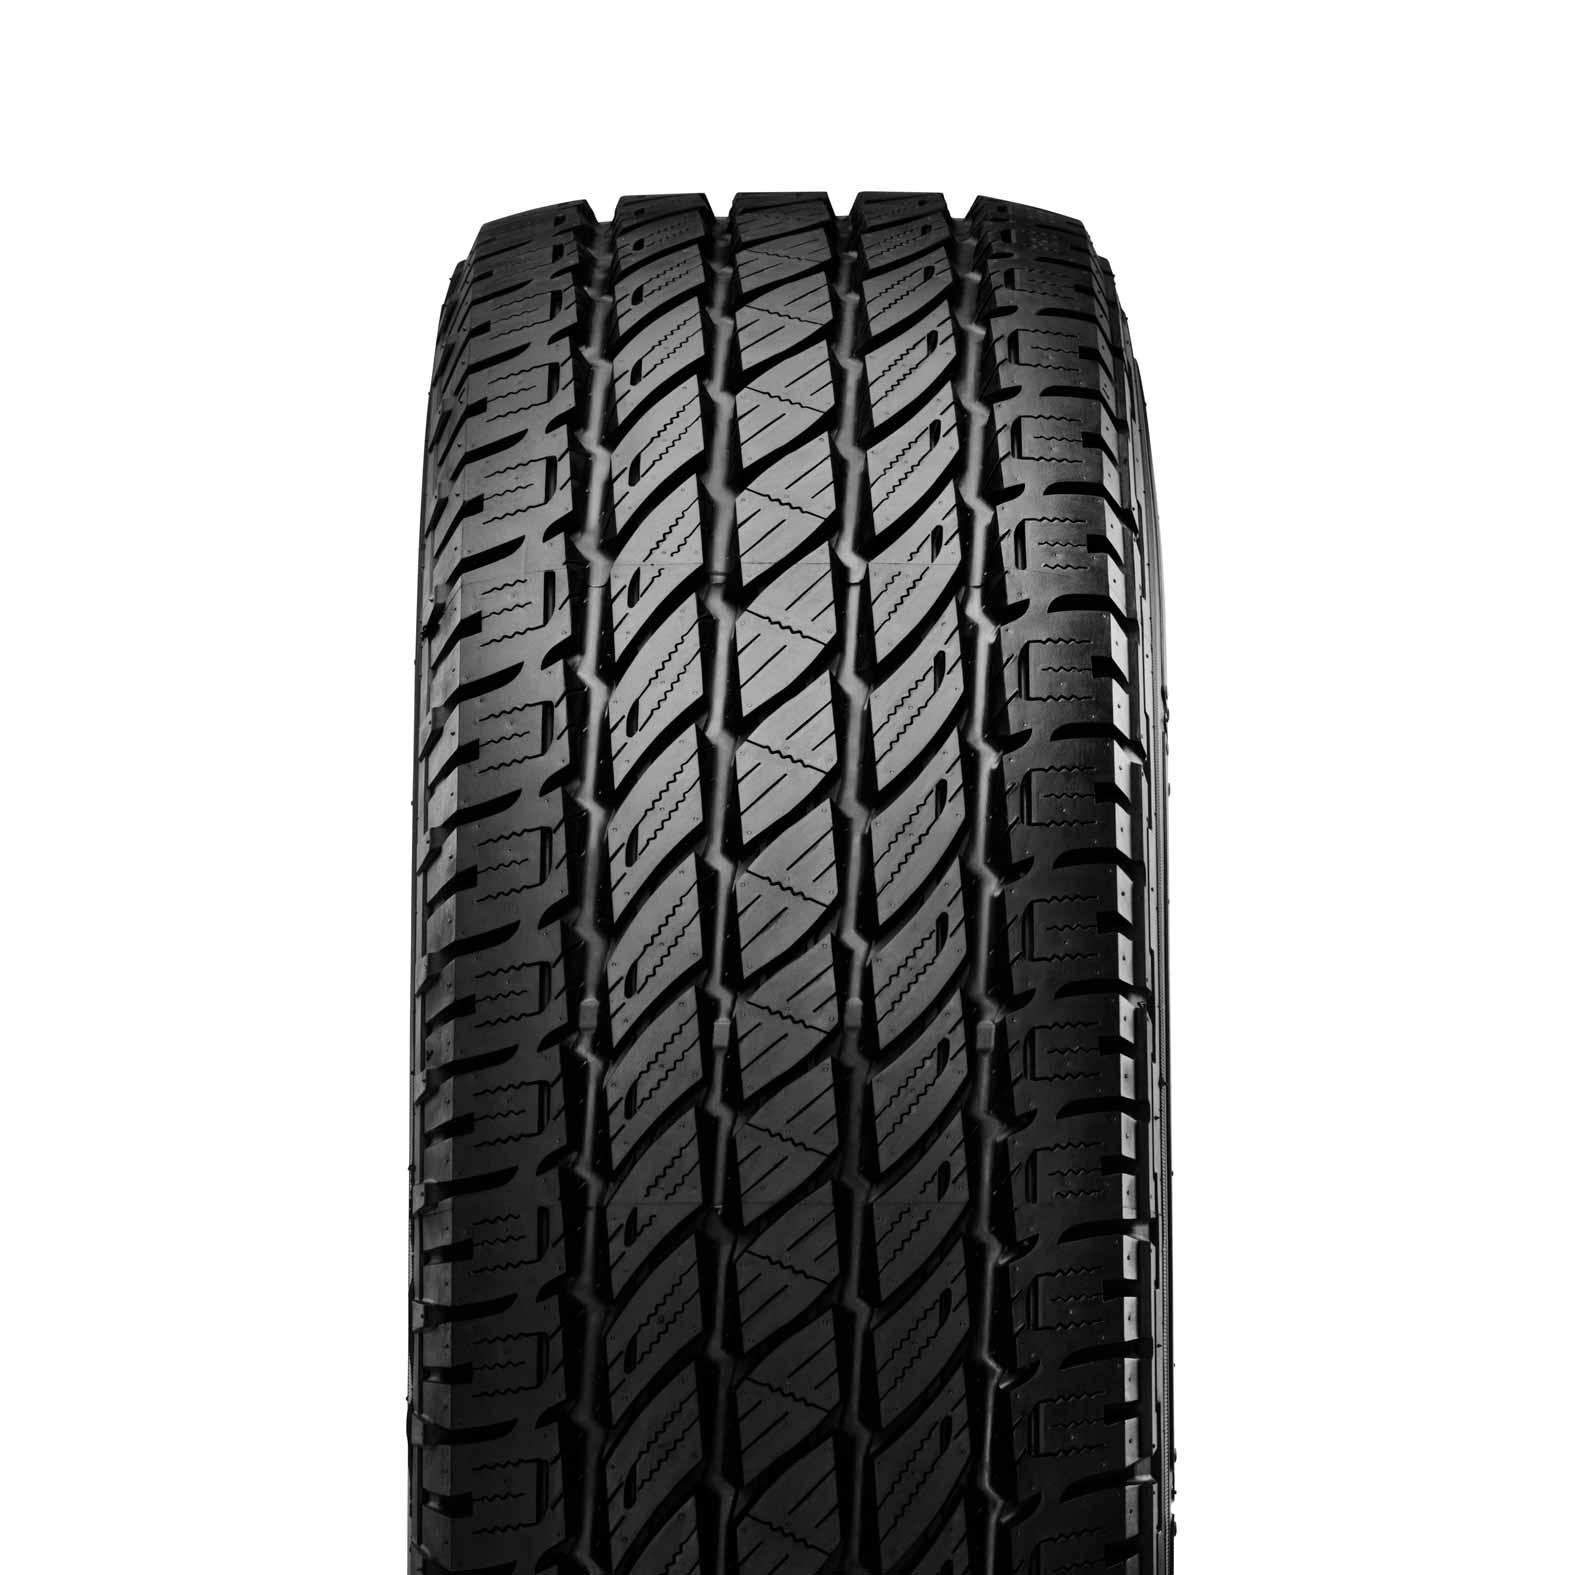 Nitto Dura Grappler >> Nitto Dura Grappler Tires